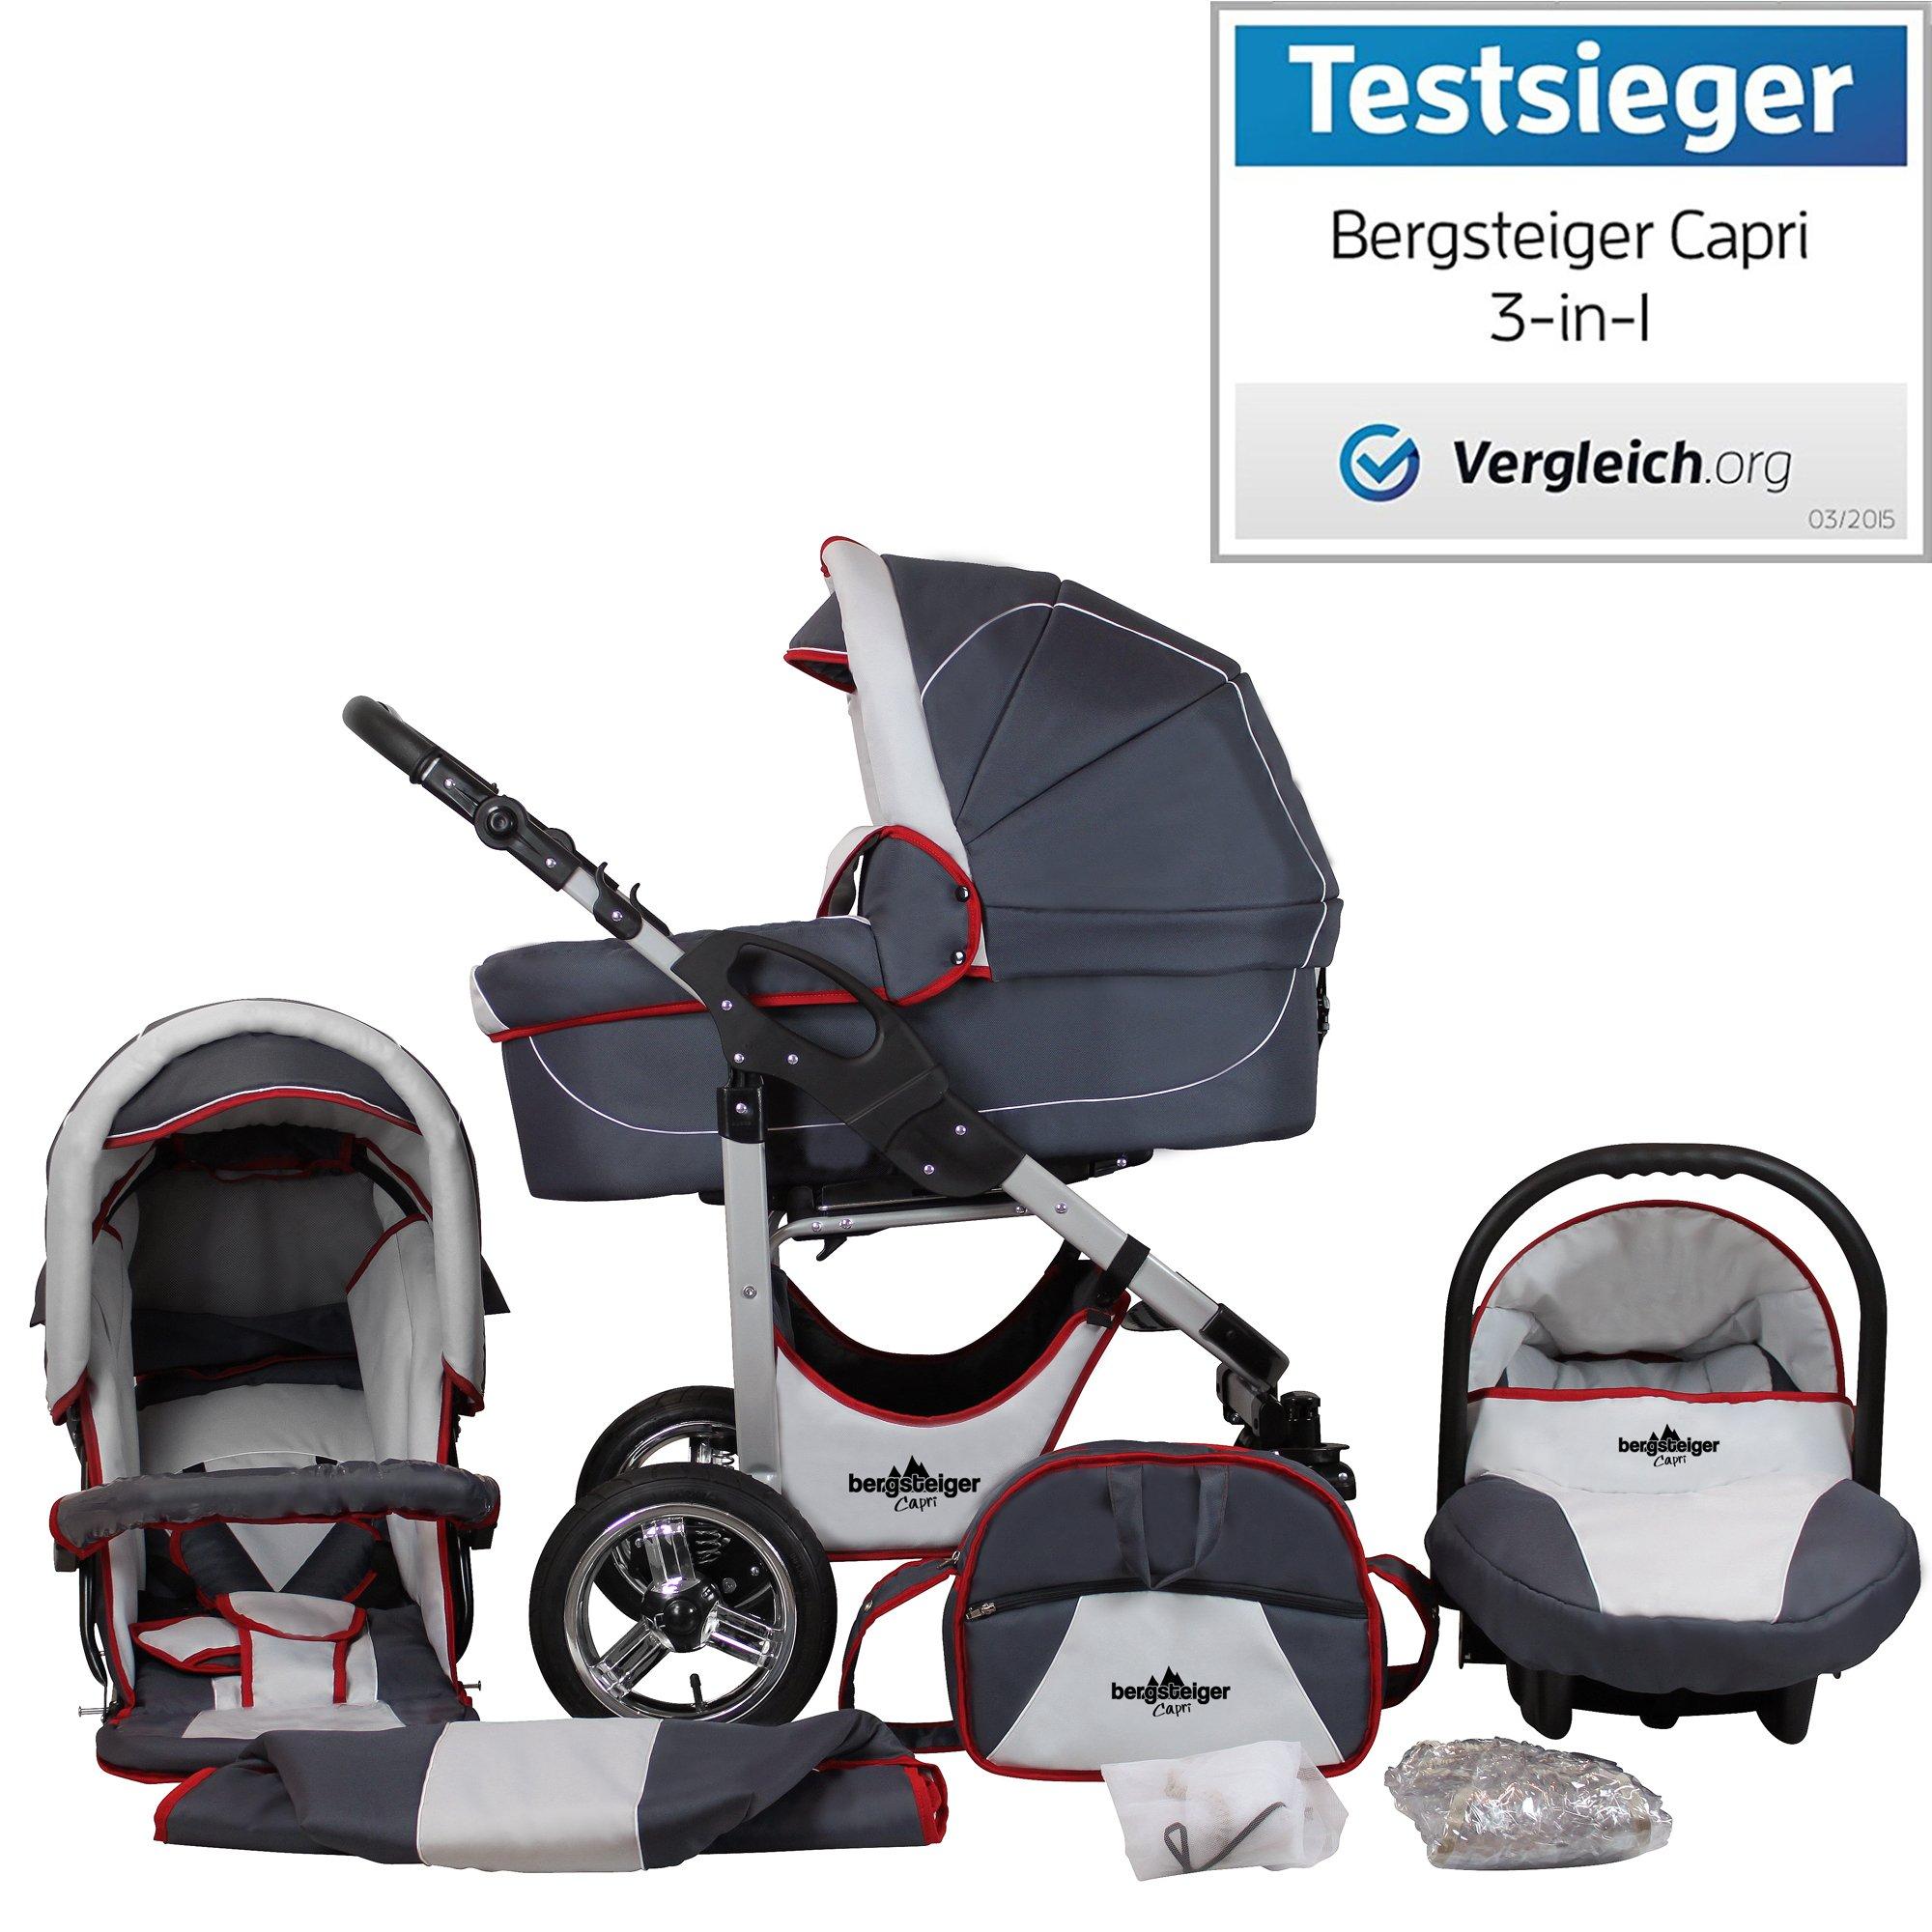 Bergsteiger Capri Grey & red Stripes Kinderwagen 3 in 1 Kombikinderwagen Megaset 10 teilig inkl. Babyschale, Babywanne, Sportwagen und Zubehör